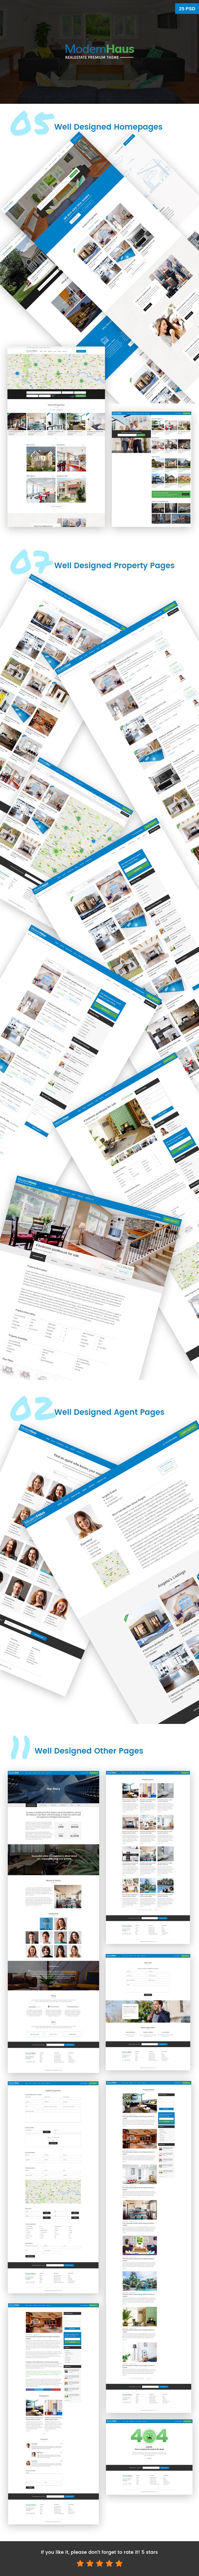 ModernHaus - Real Estate PSD Template - 1